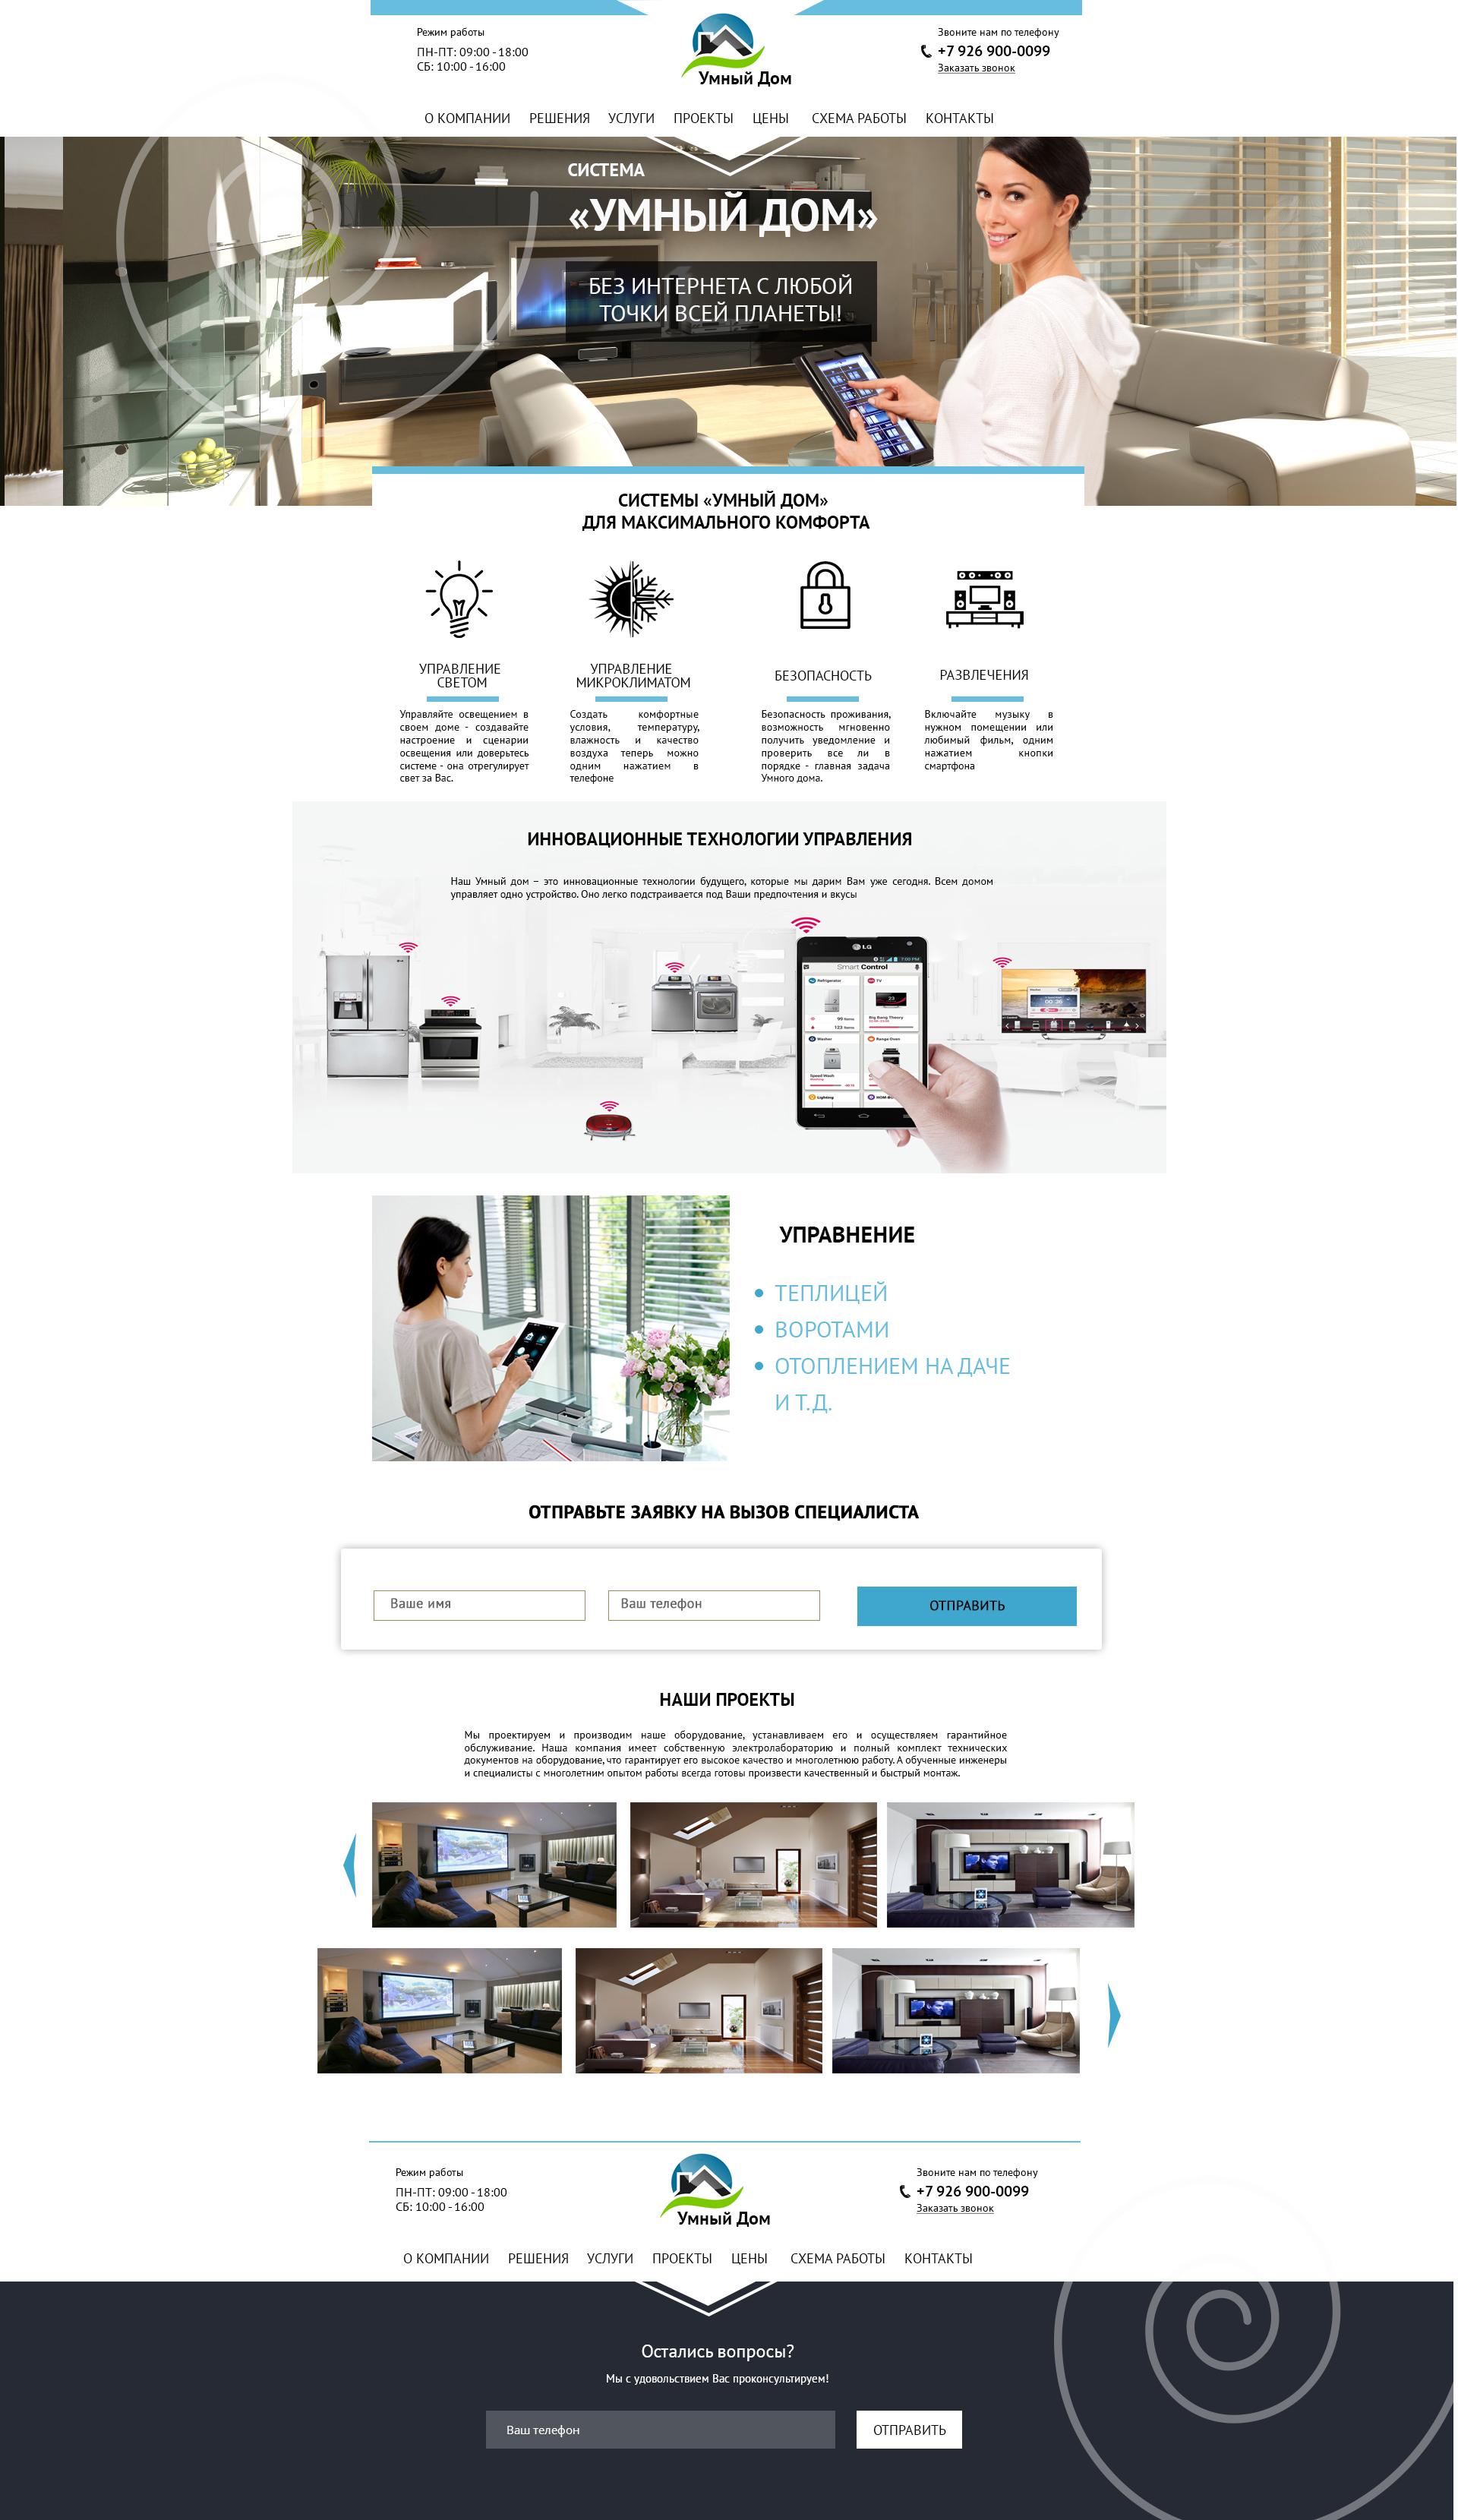 Дизайн сайта Умный дом